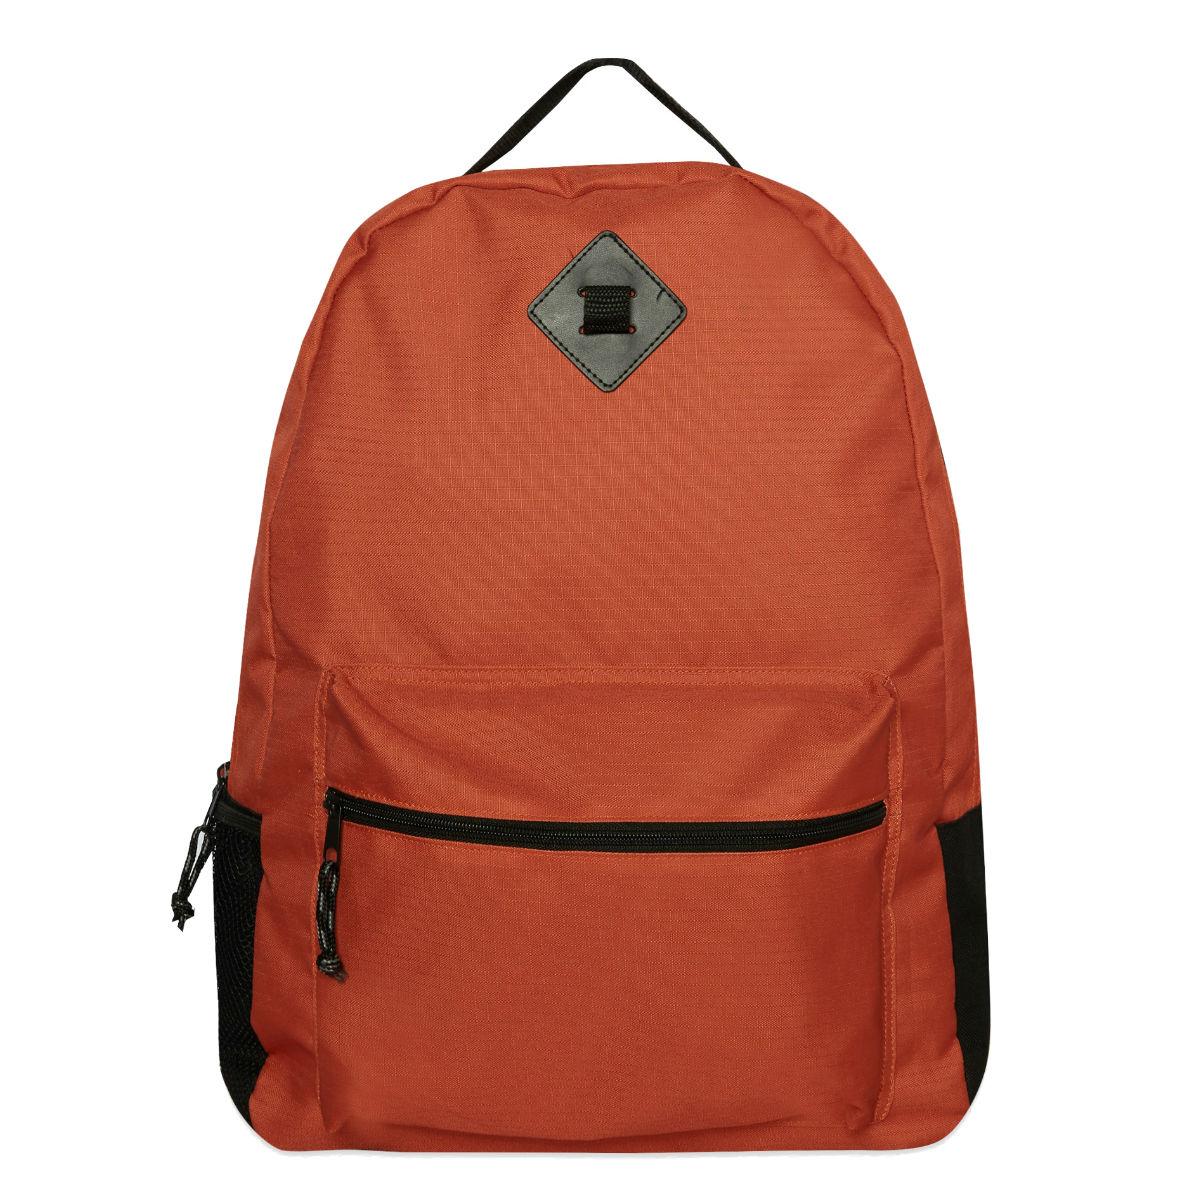 Orange backpack, £8, Primark